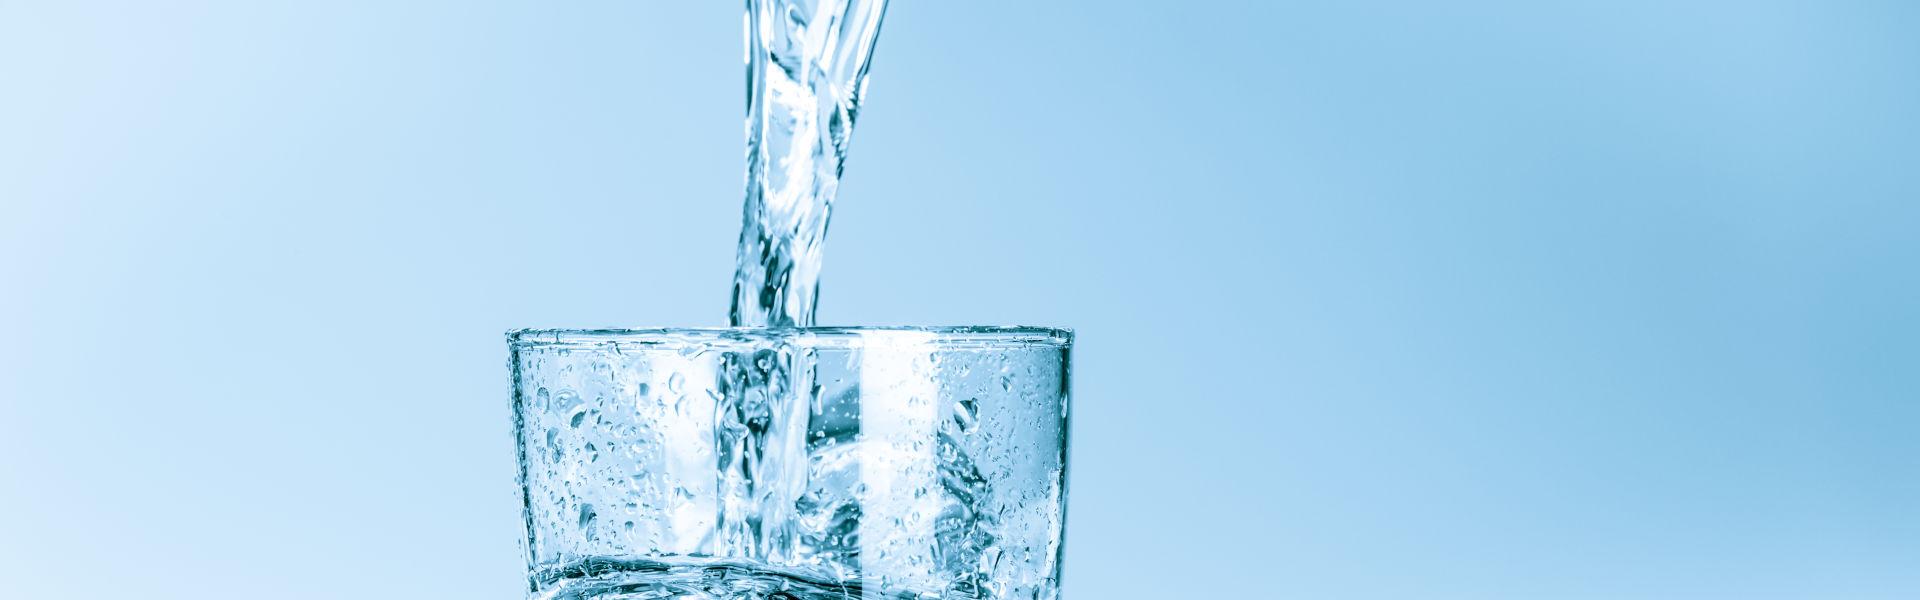 Wasser, welches in ein Glas gegossen wird. - HWA-Frenzel